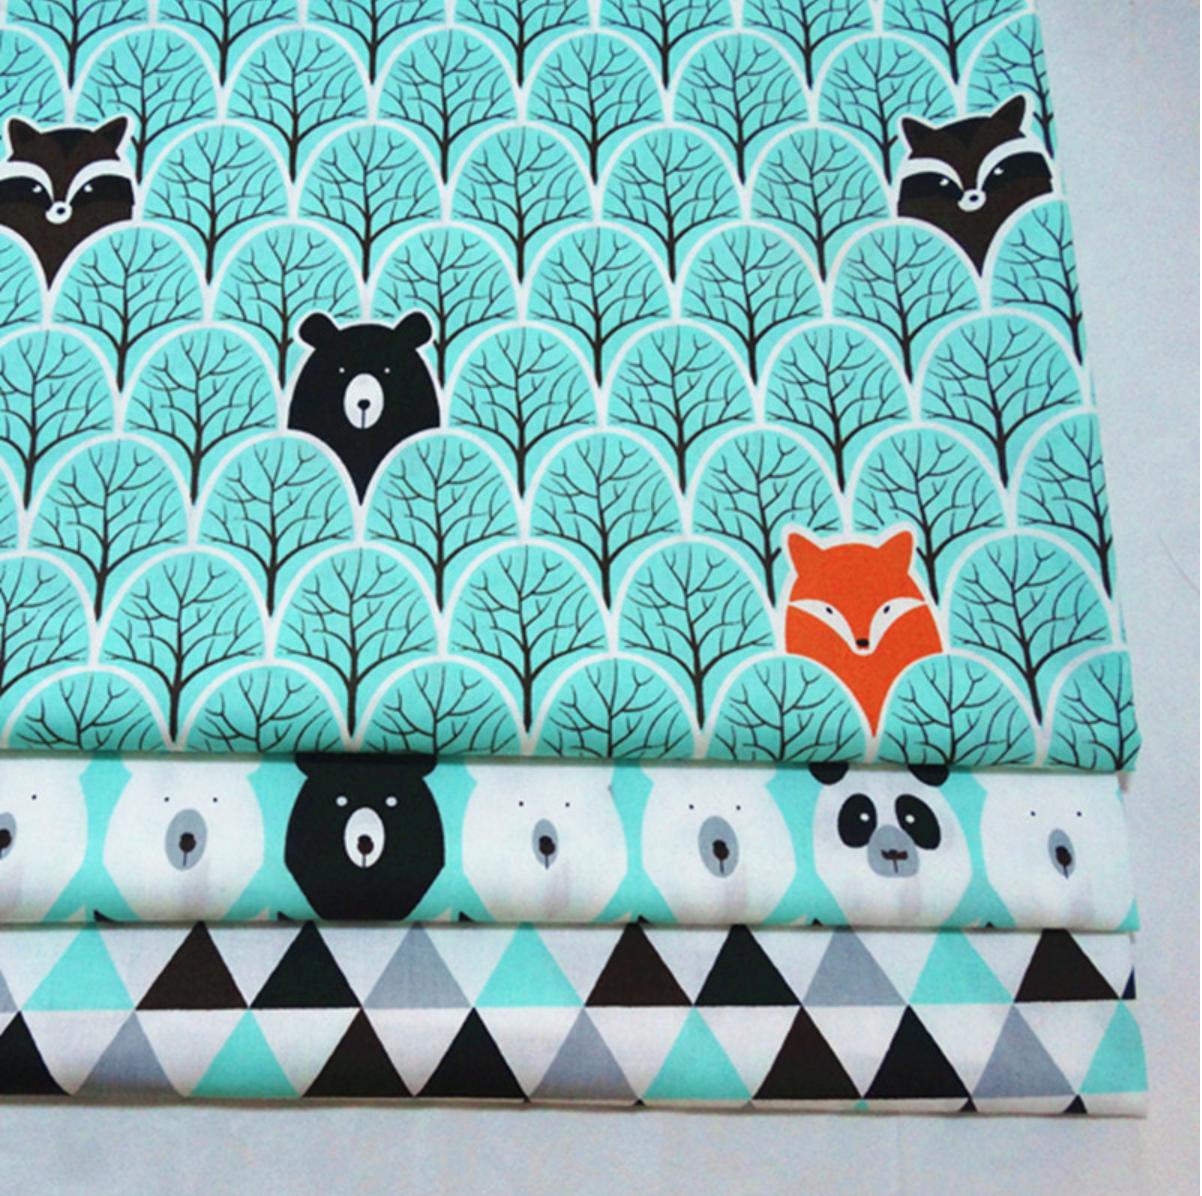 Tissu en coton - Imprimé Ours et Renards - Noir et Vert